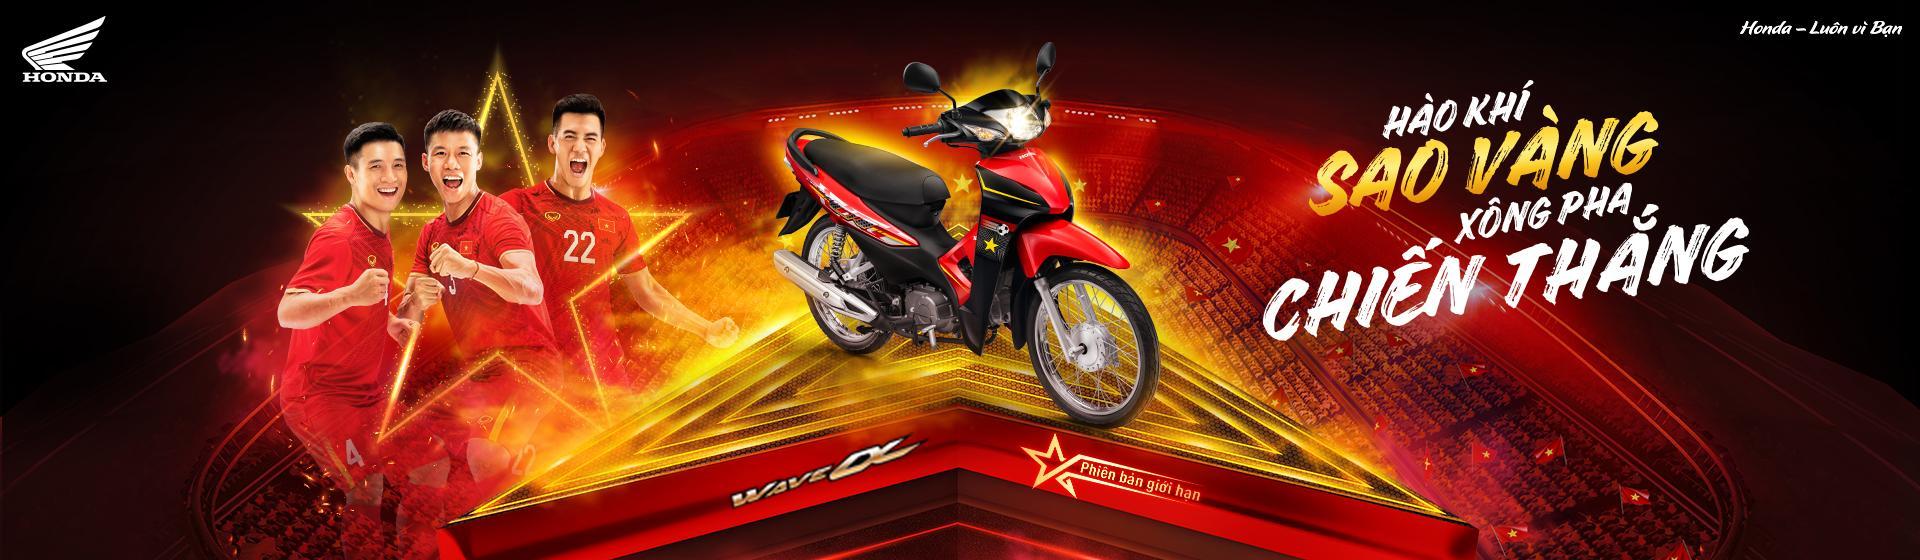 """Honda Việt Nam ra mắt phiên bản giới hạn Wave Alpha 110cc – """"Hào khí sao vàng, xông pha chiến thắng"""""""